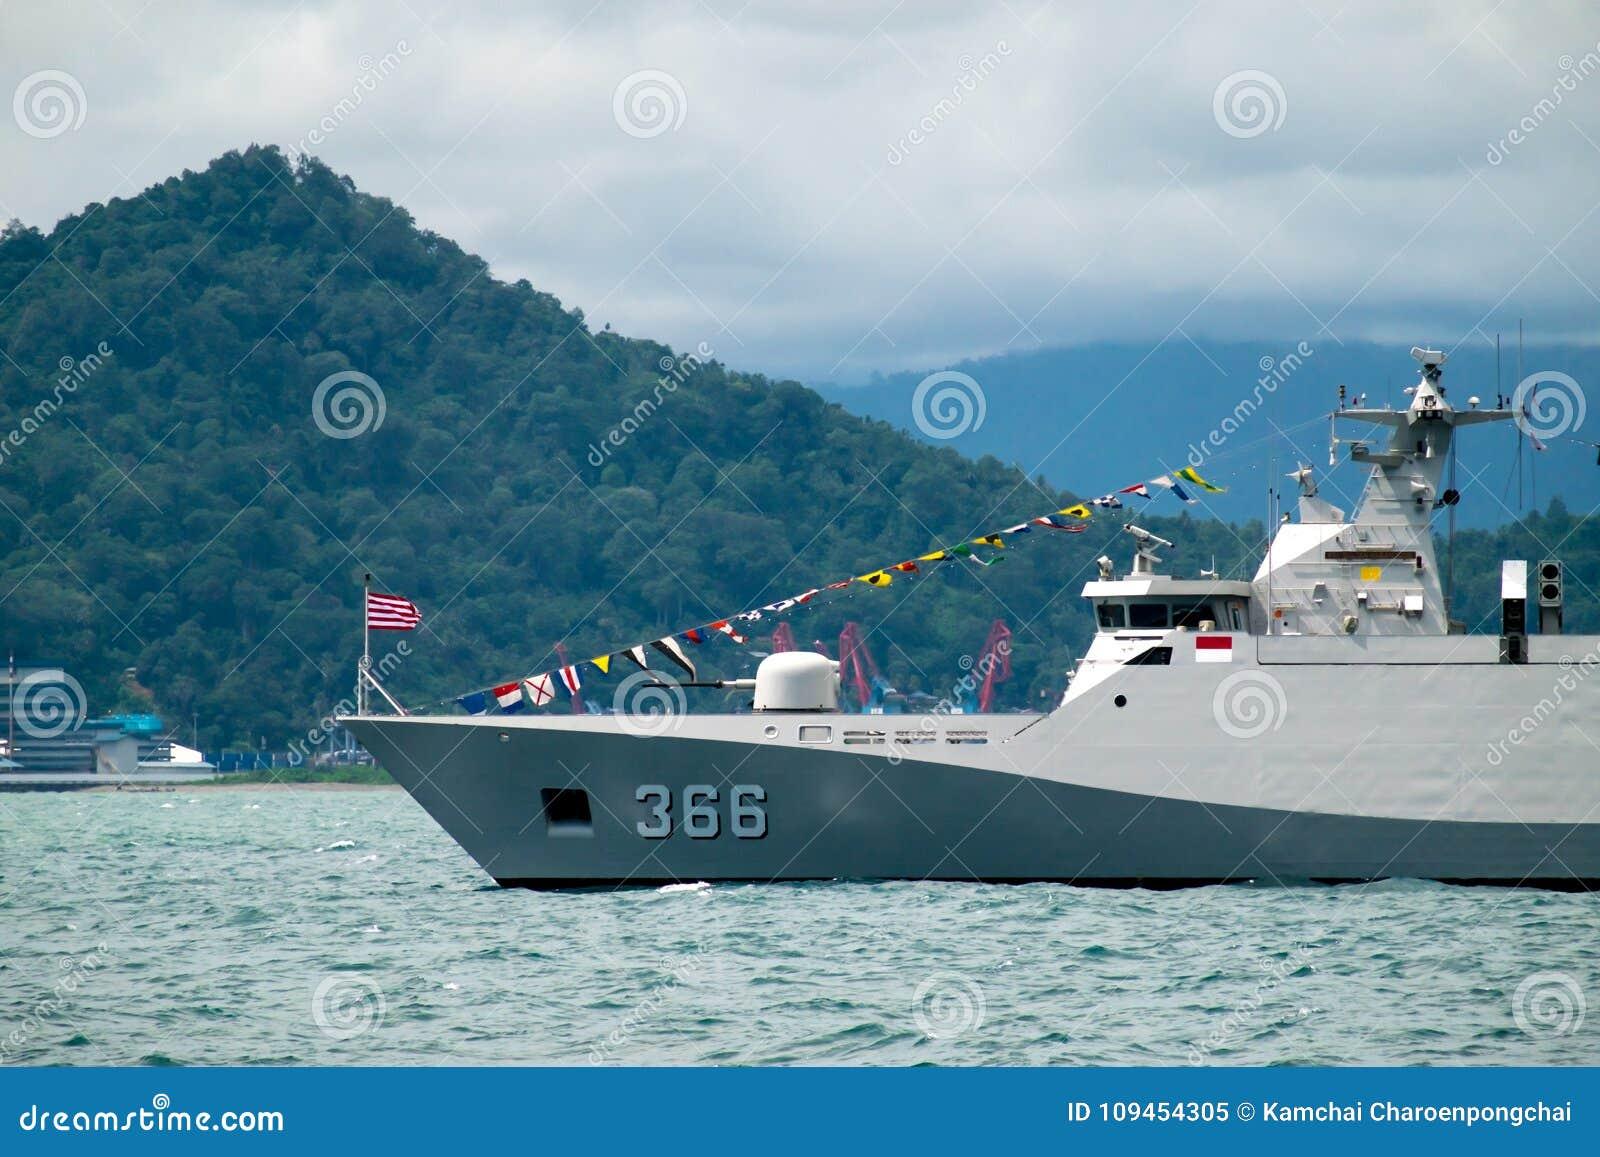 Κόλπος Padang, Ινδονησία, στις 13 Απριλίου 2016: Η φρεγάτα κατηγορίας σίγμα Hasanuddin σουλτάνων KRI του ναυτικού της Ινδονησίας